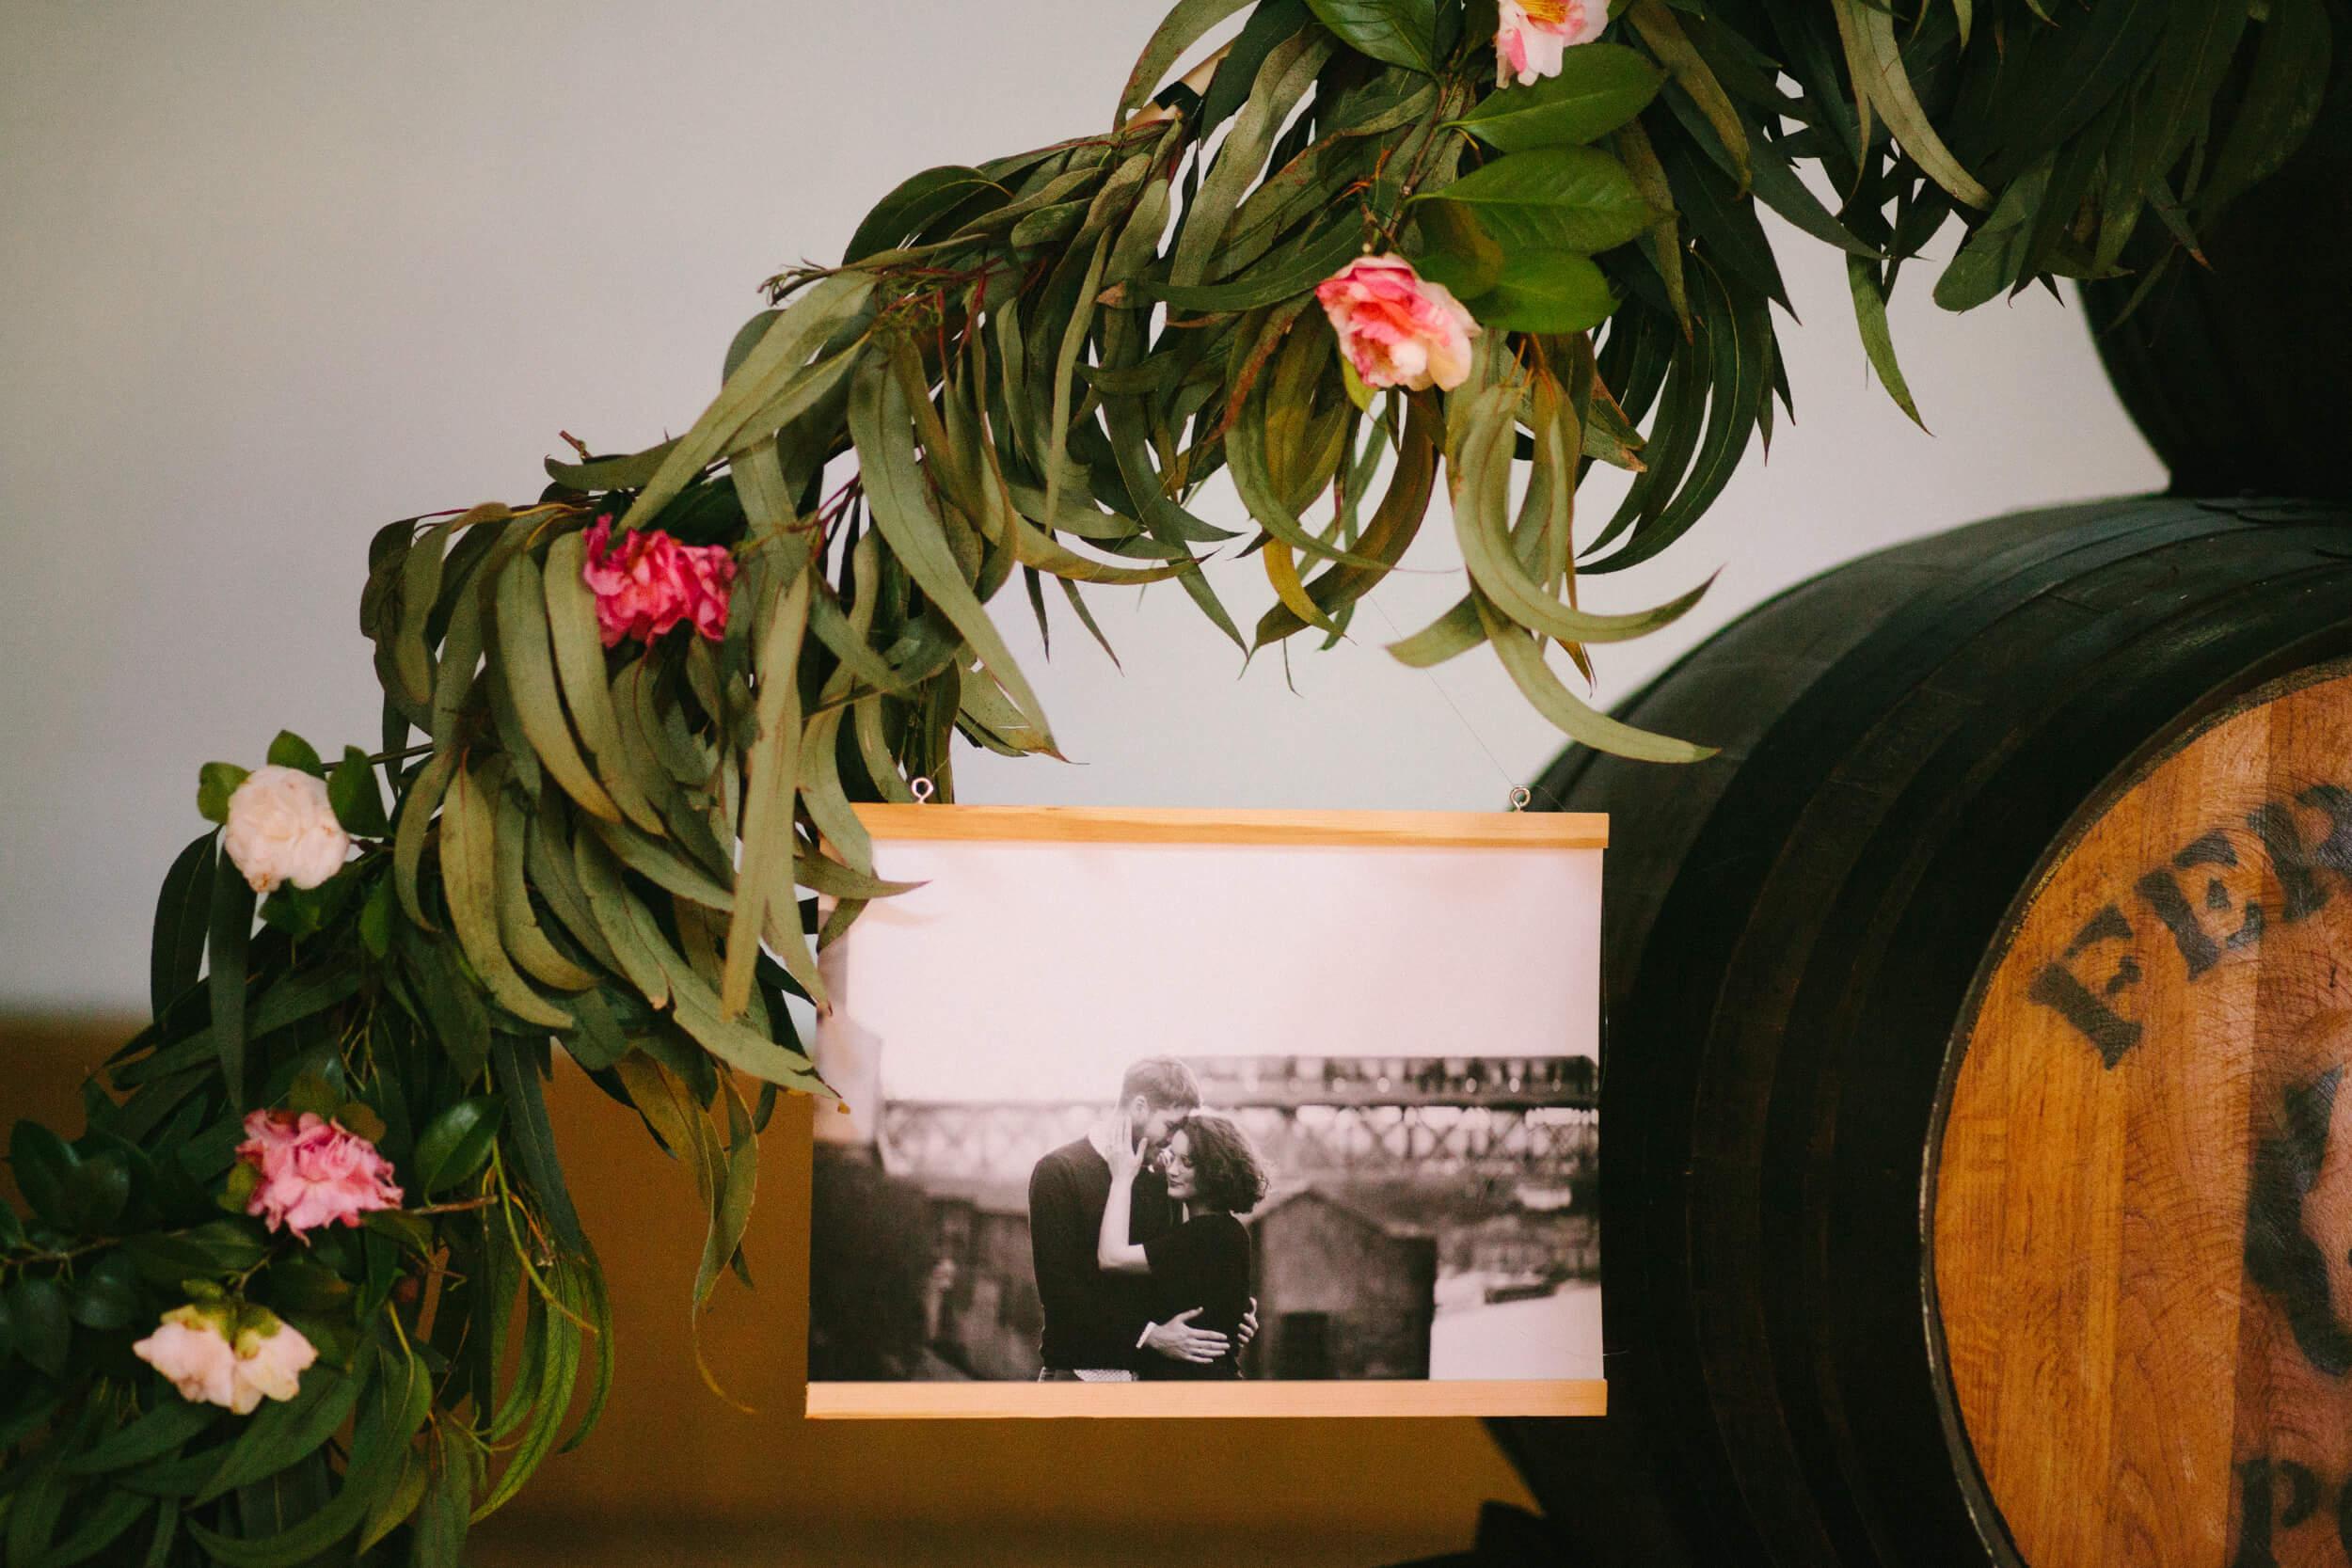 roma-organizacao-eventos-evento-queres-casar-comigo-4